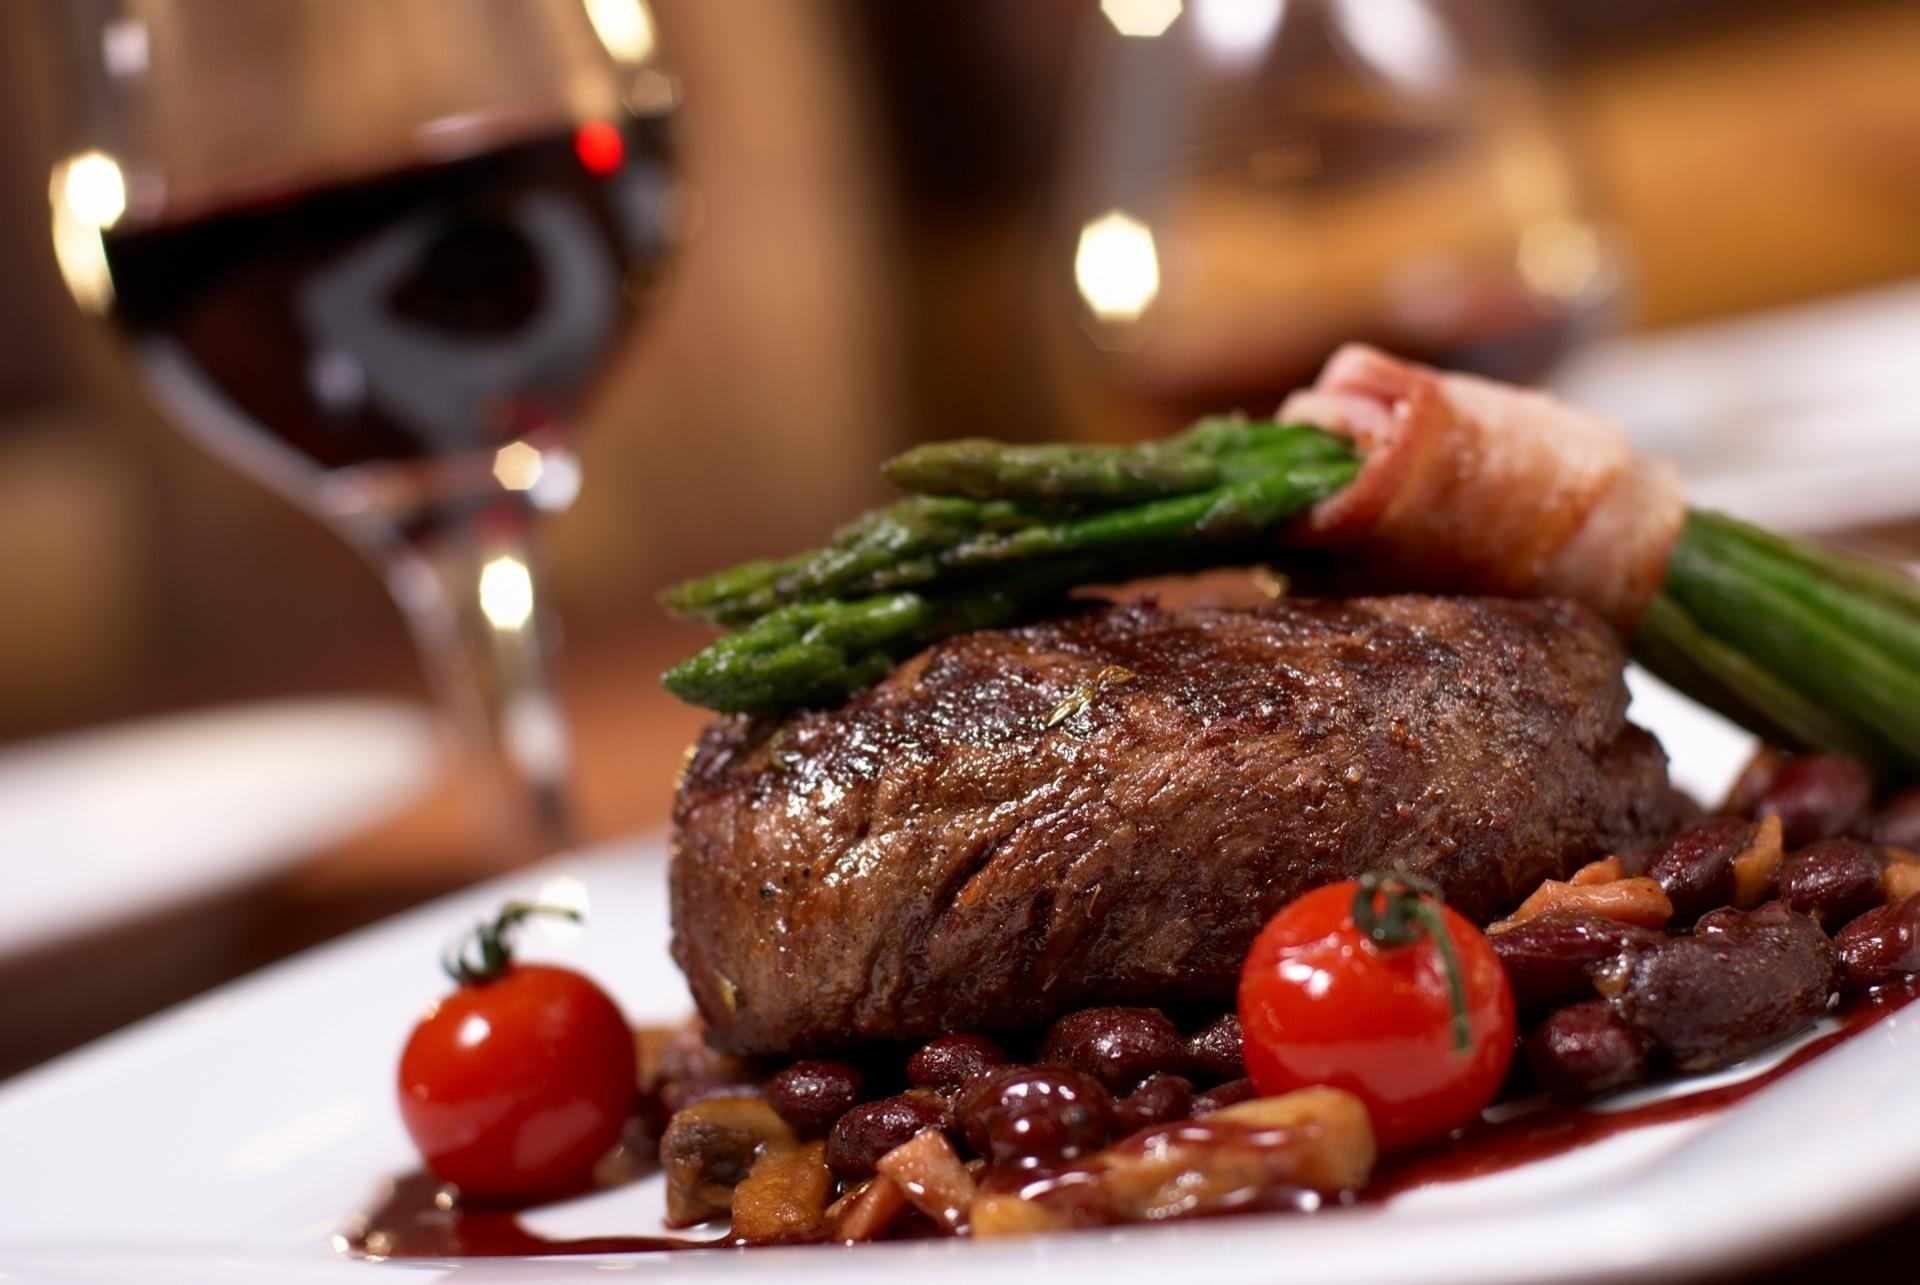 Испанские блюда из мяса Испания по русски все о жизни в Испании Испанские блюда из мяса